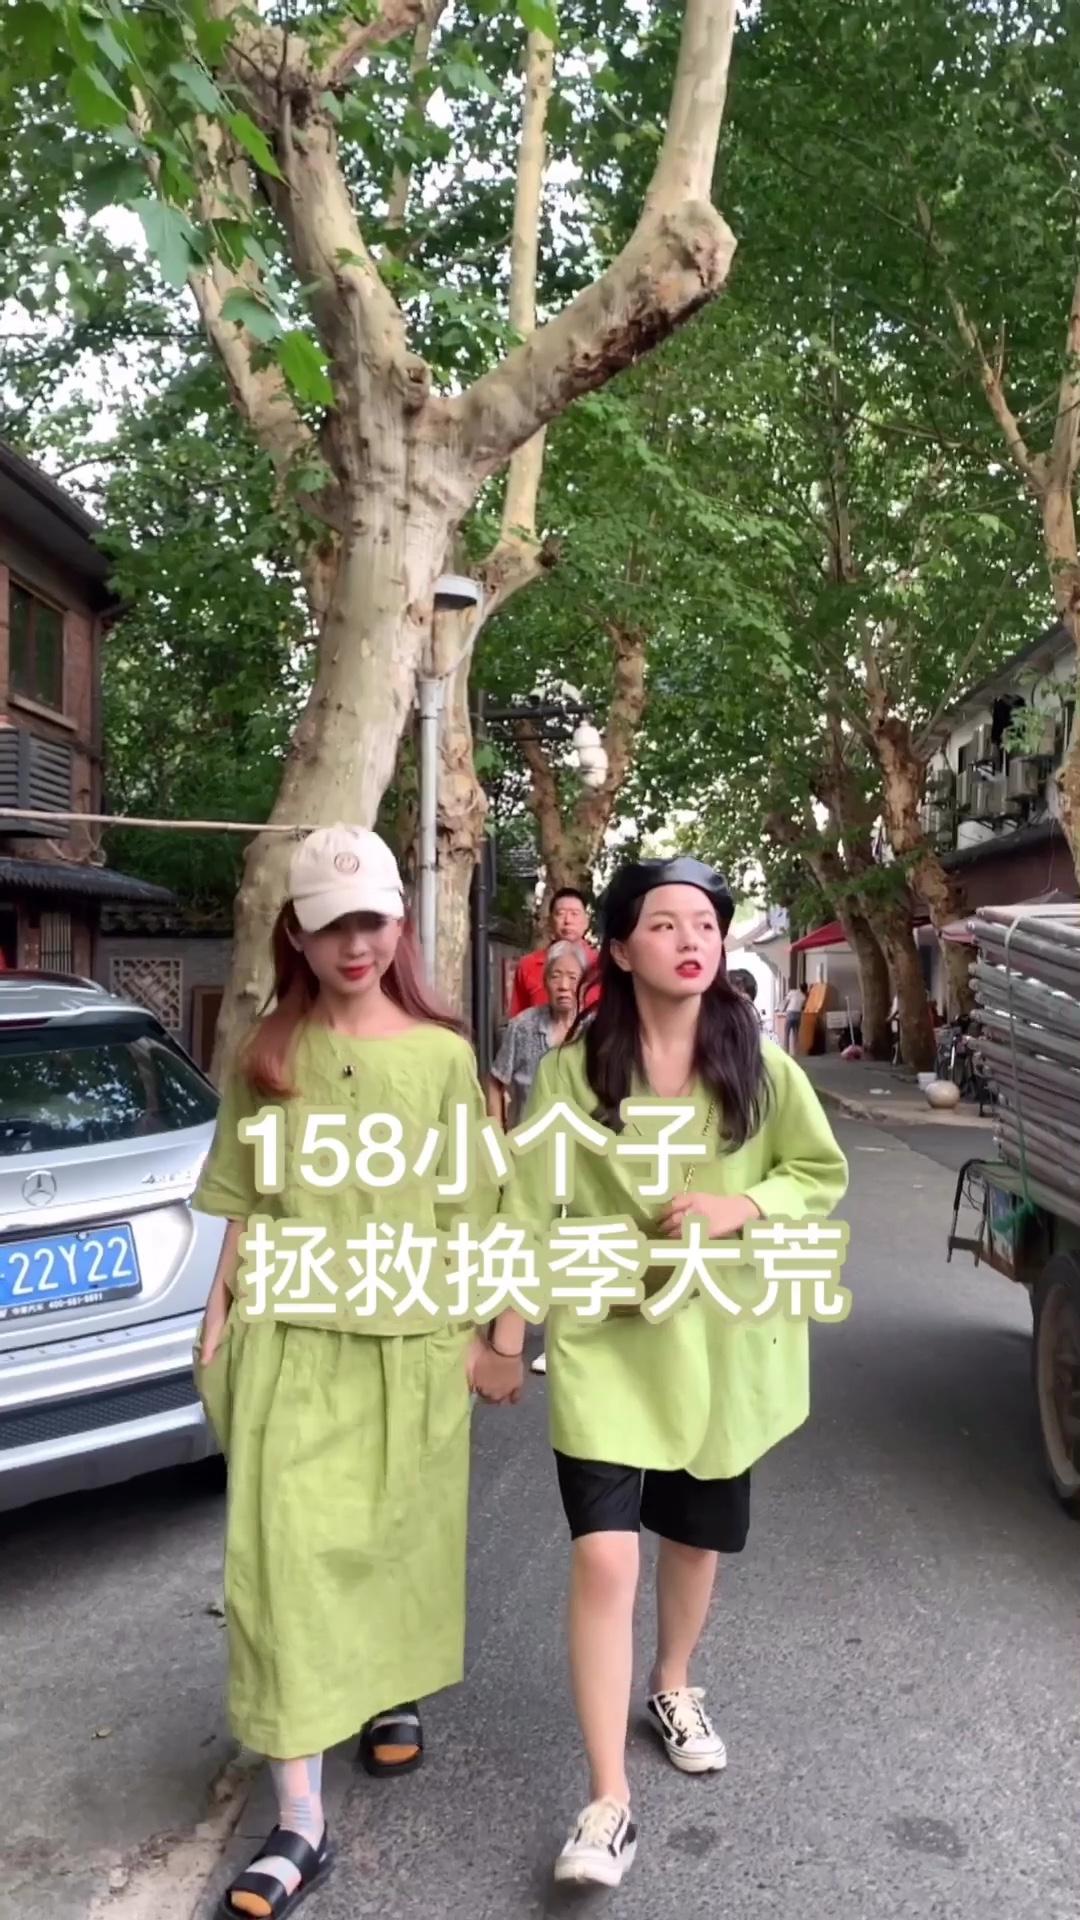 #秋装上新穿搭打卡# 绿色真的是很显白的一个色系哦 闺蜜可以这样穿搭 一起做街上最亮的仔 一起get起来吧